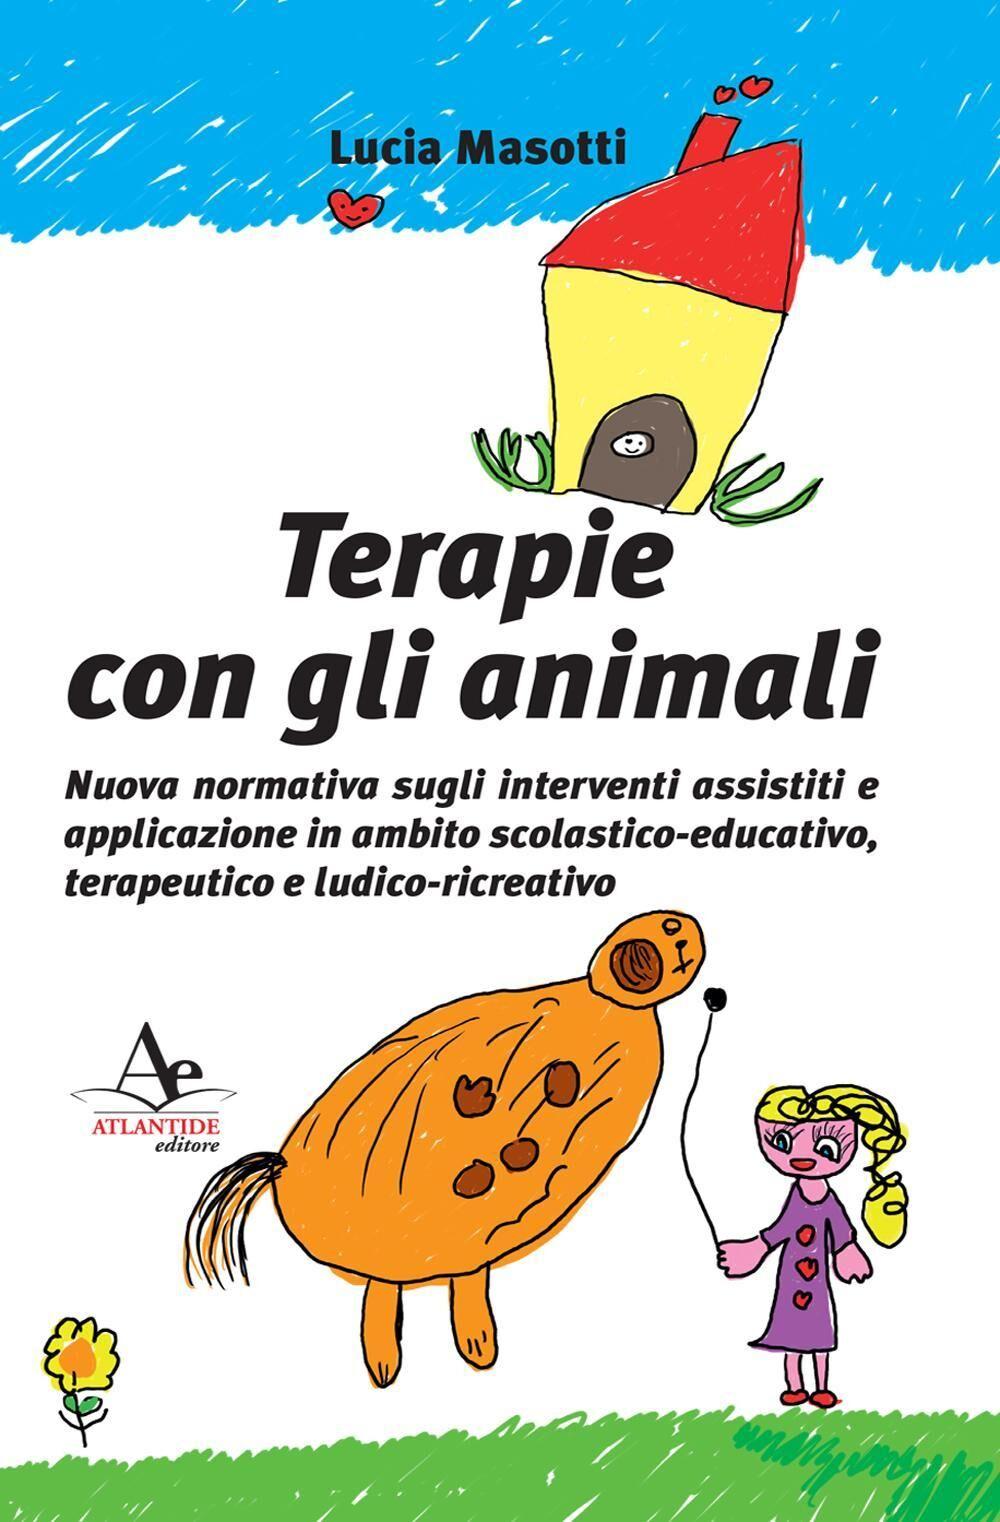 Terapie con gli animali. Nuova normativa sugli interventi assistiti e applicazione in ambito scolastico-educativo, terapeutico e ludico-ricreativo